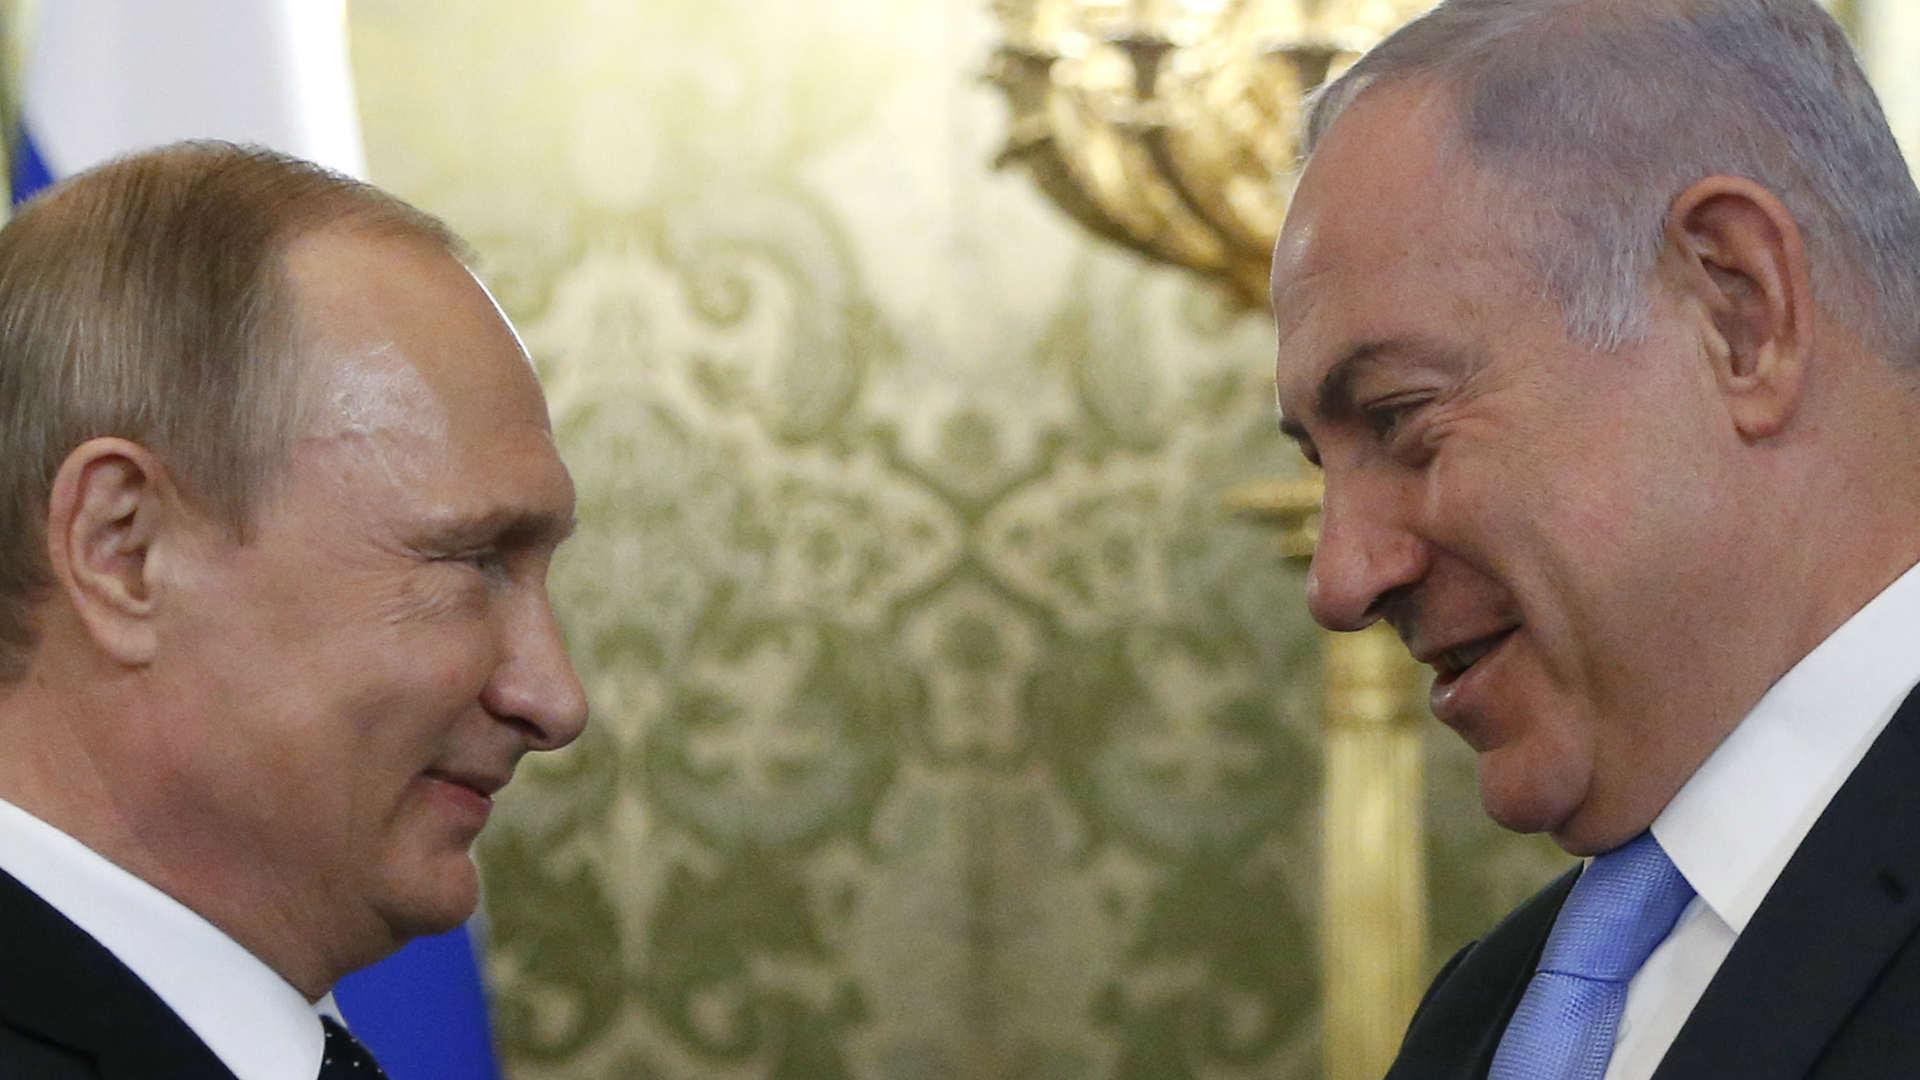 מימין: ראש הממשלה נתניהו ונשיא רוסיה פוטין